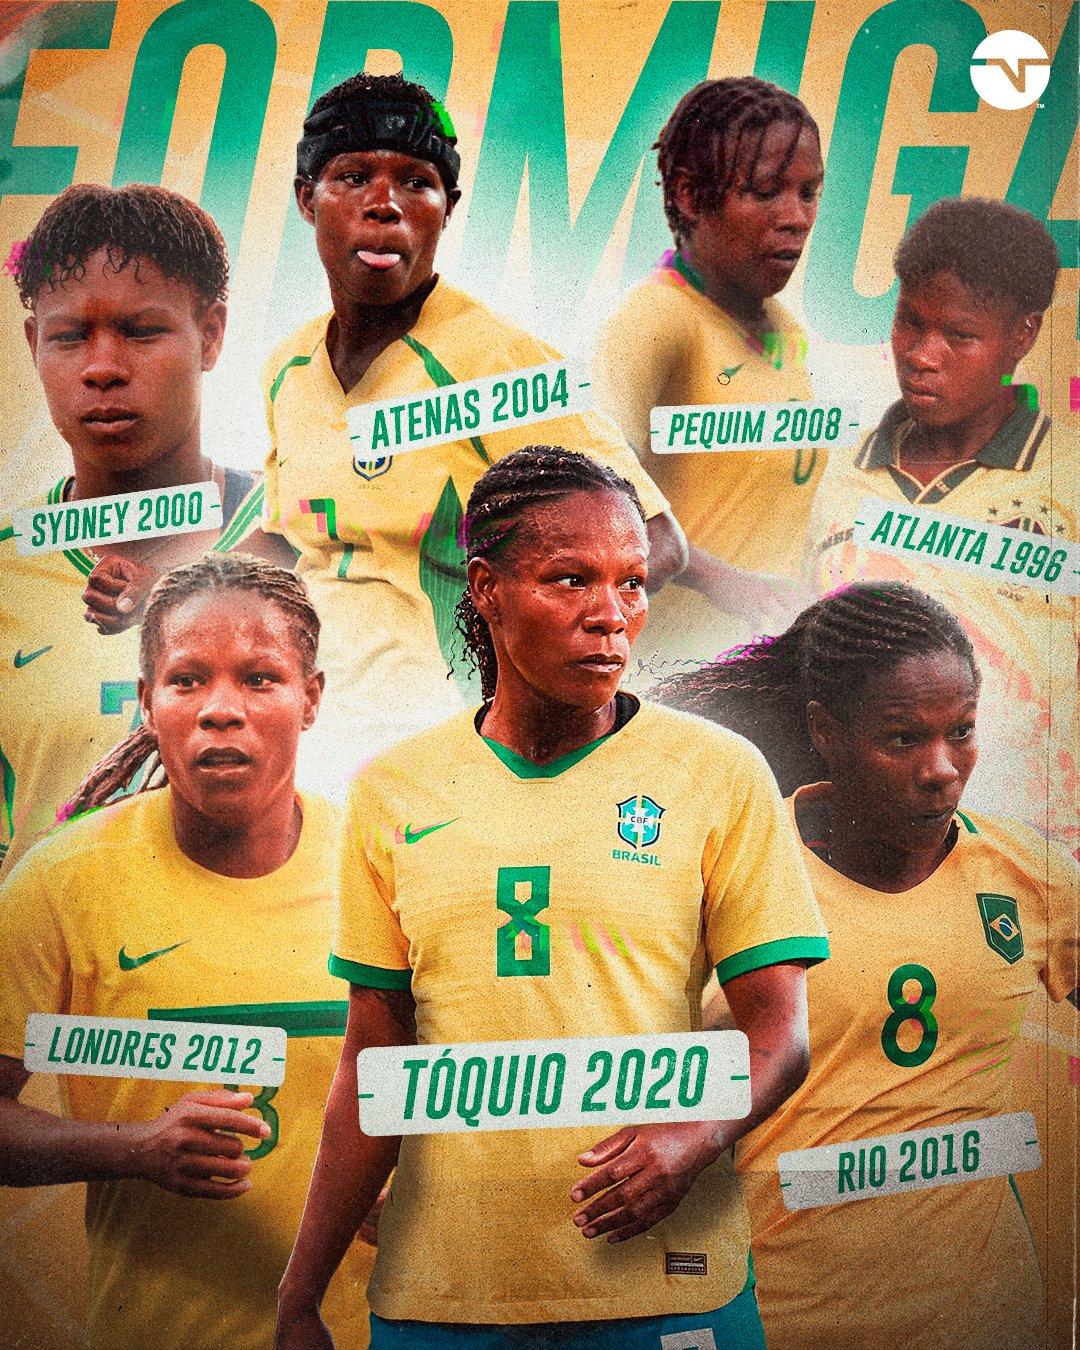 """ฟอร์มิก้าเป็นสีของทีมหญิงชาวบราซิลเจ็ดครั้งในการแข่งขันกีฬาโอลิมปิก  ภาพถ่าย: """"TNT ."""""""